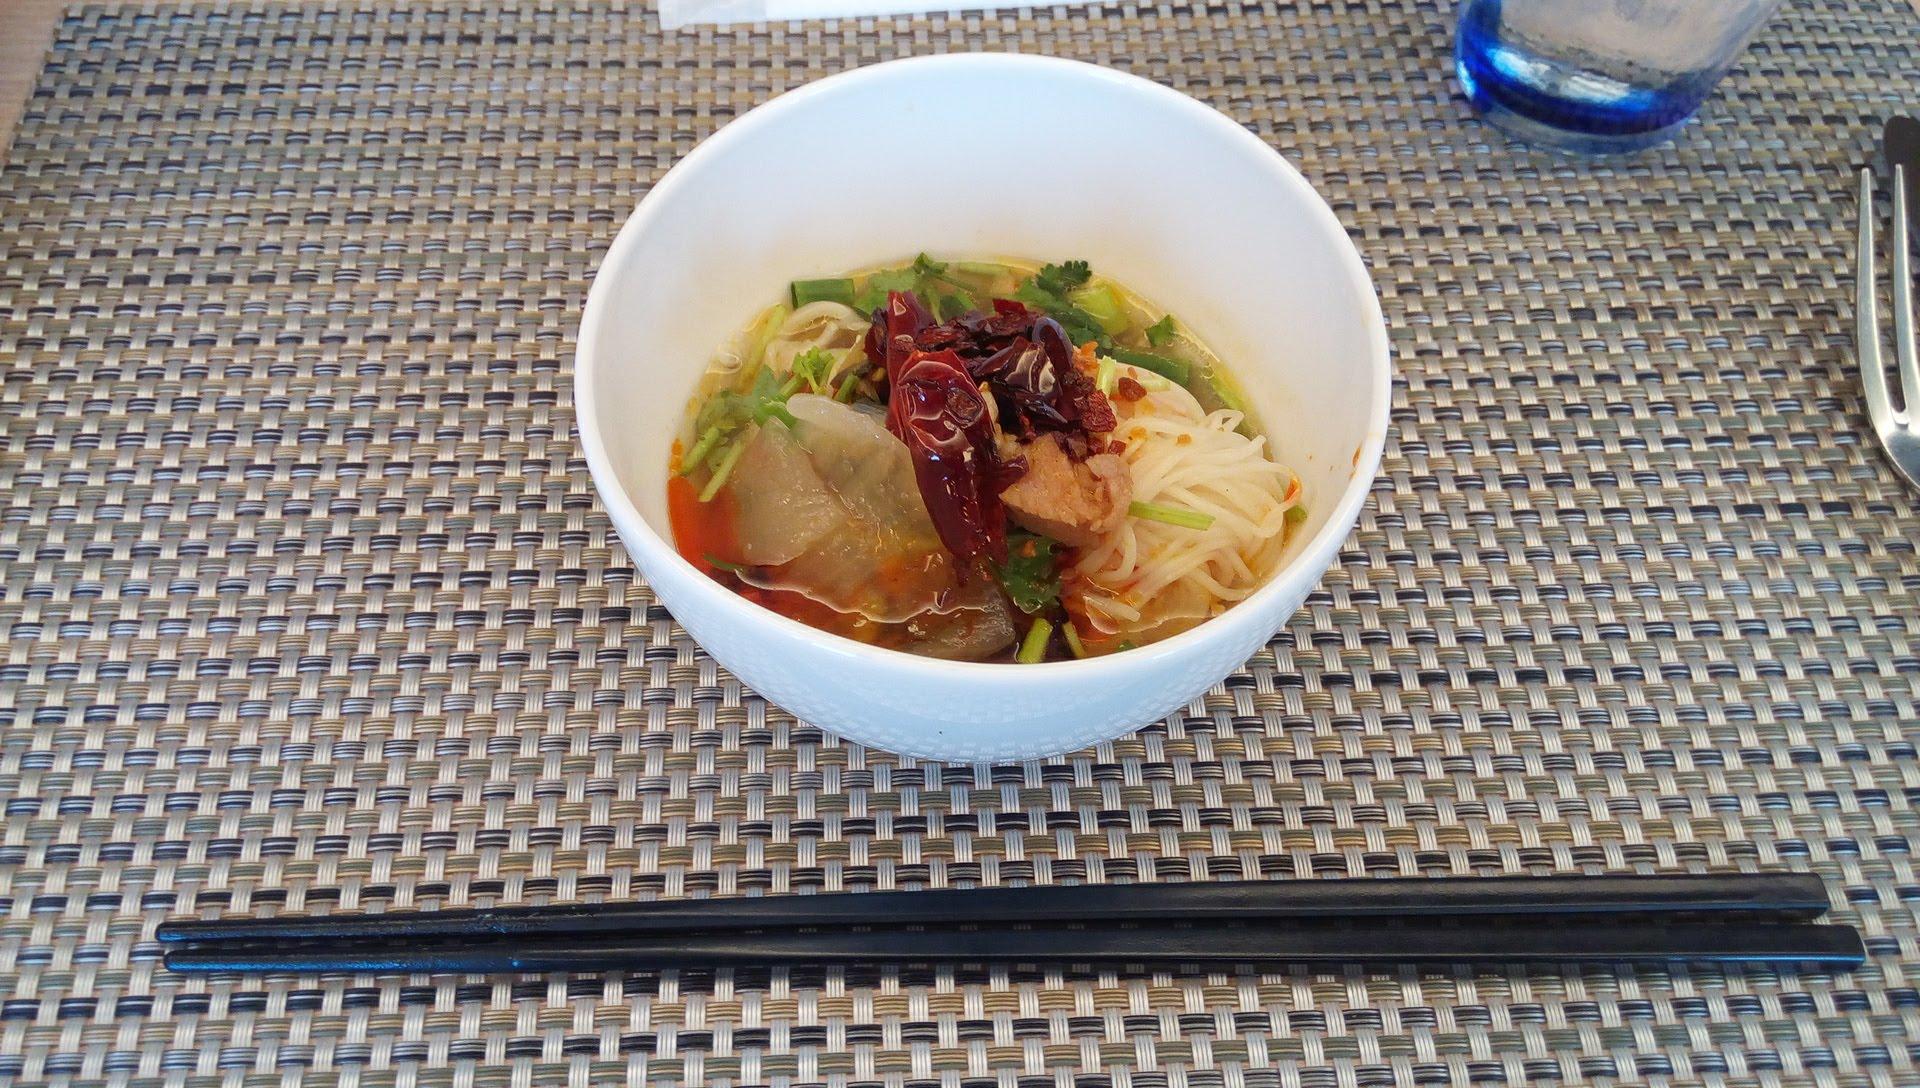 Thai style hot noodles